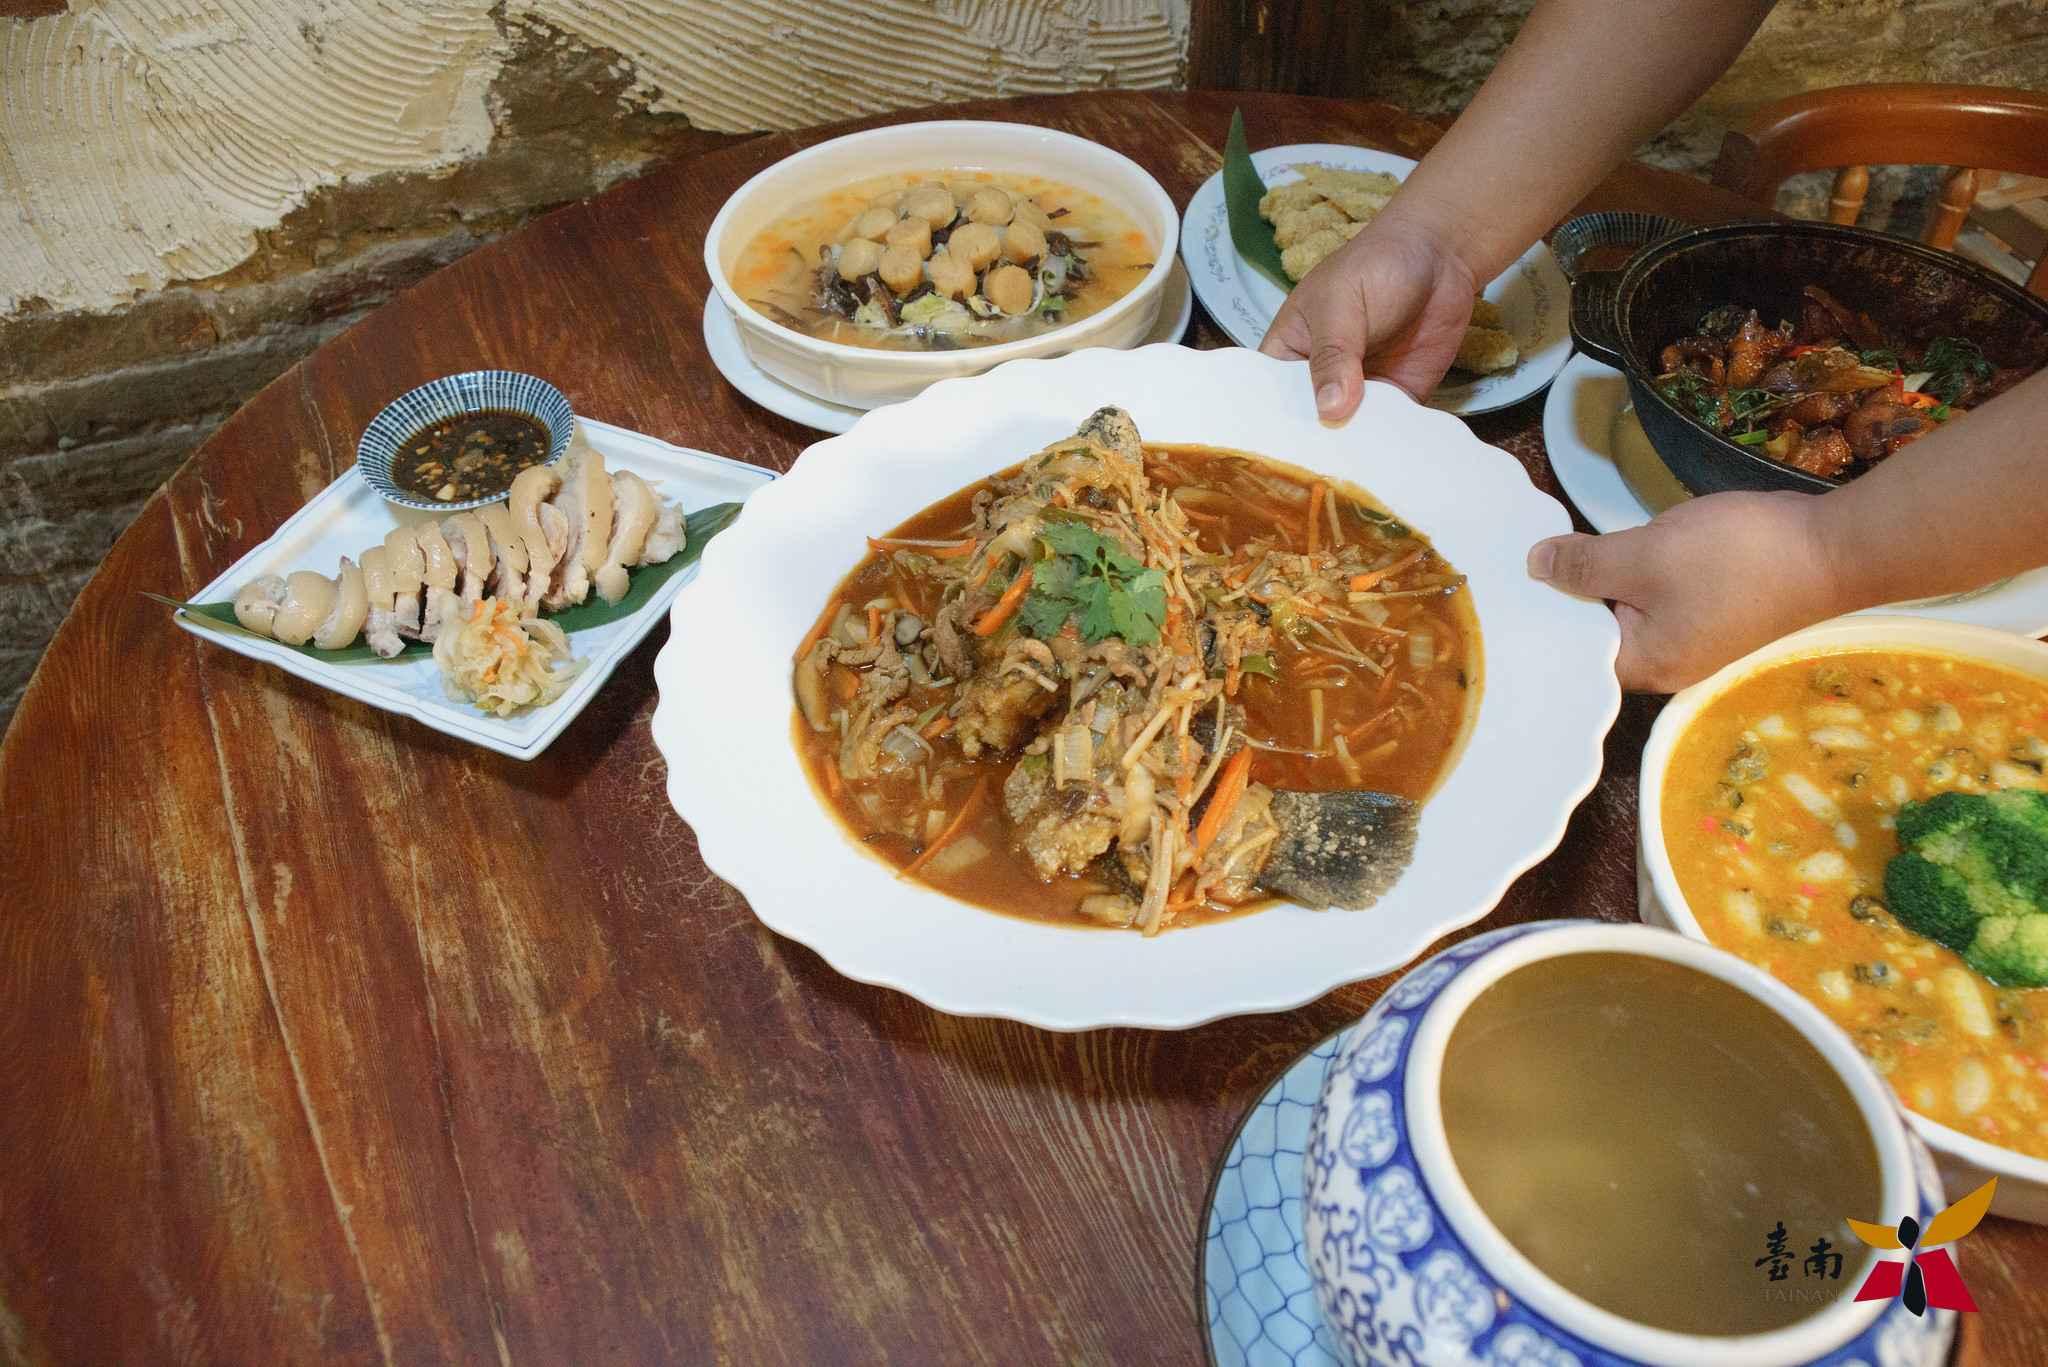 30間台南必吃美味! 從早點吃到宵夜徹底征服無底洞的胃!